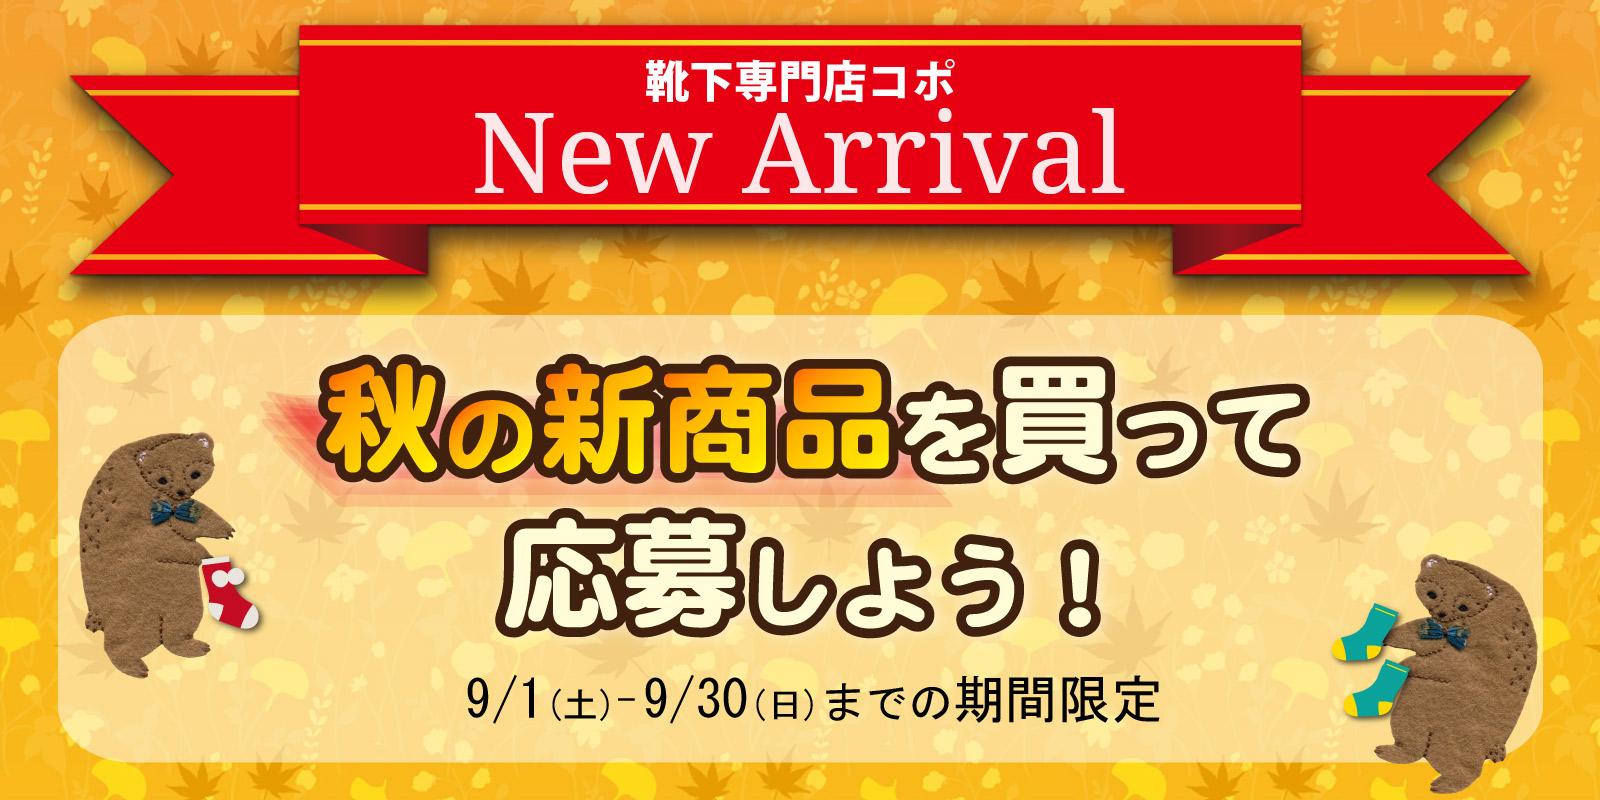 秋の新商品を買って応募しよう!の写真